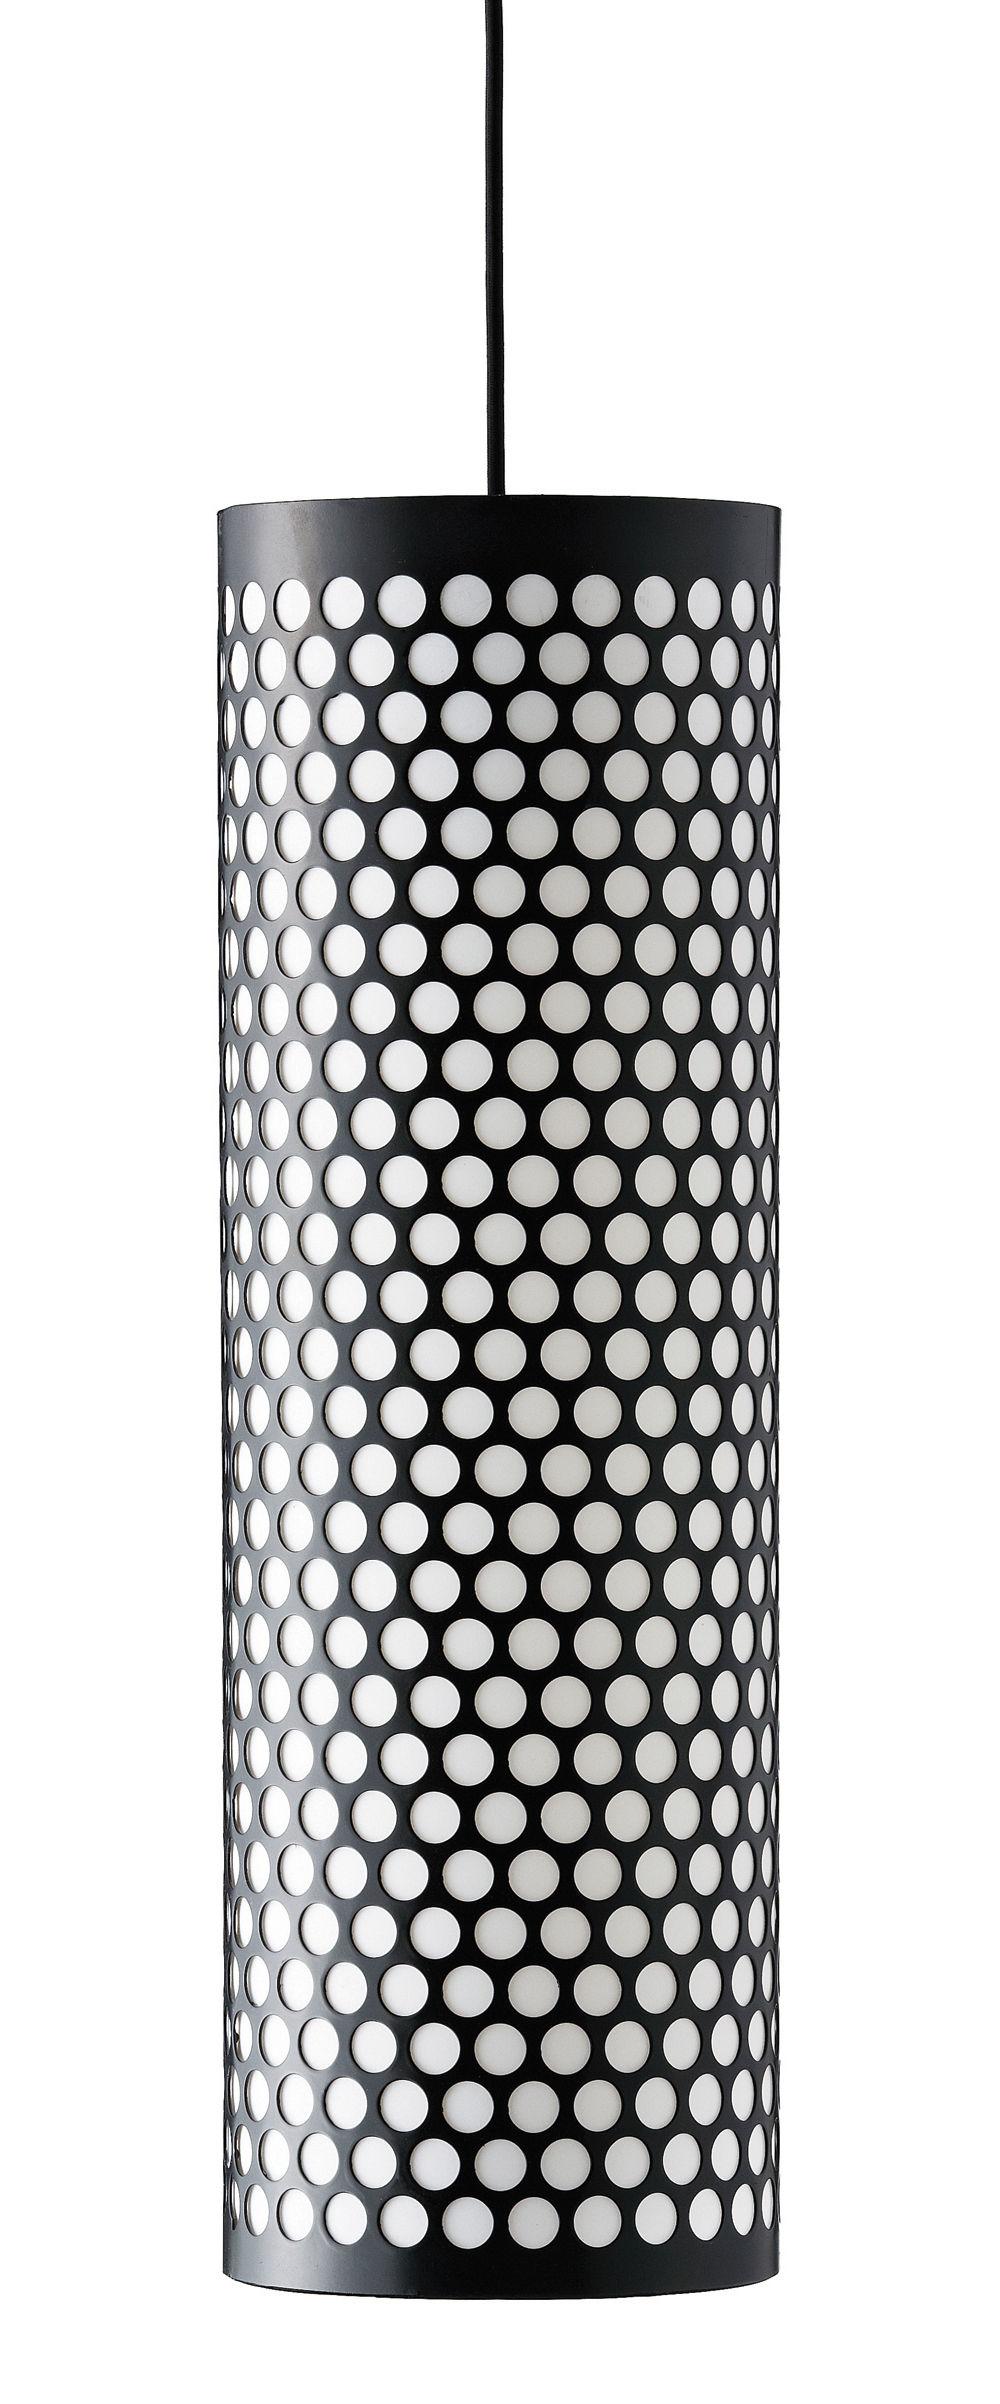 Leuchten - Pendelleuchten - Pedrera ANA Pendelleuchte Ø 20 x H 63 cm - Gubi - Schwarz - Metall, Polyäthylen